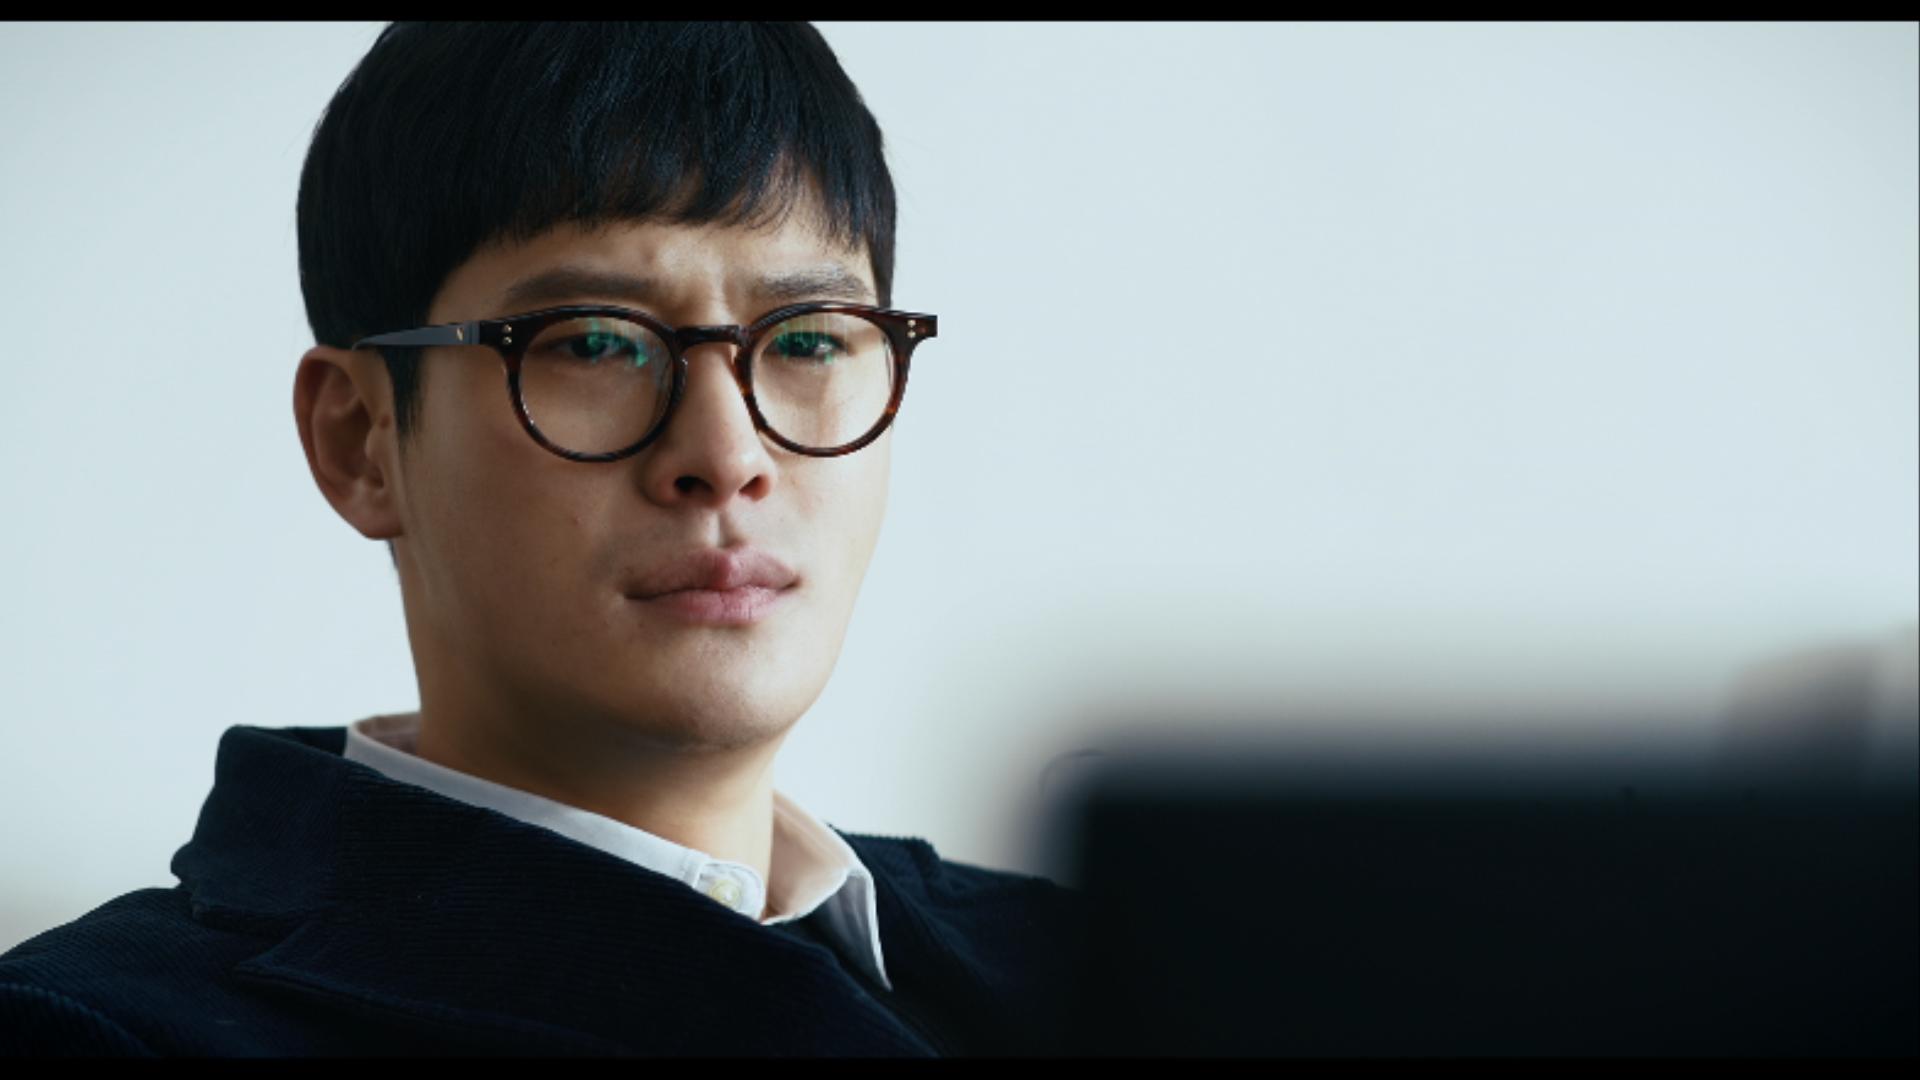 [단편영화 프로젝트 : beginning] #2 차인하 <내 마음 깊은 곳의 너> (Cha In Ha - You, deep inside of me)